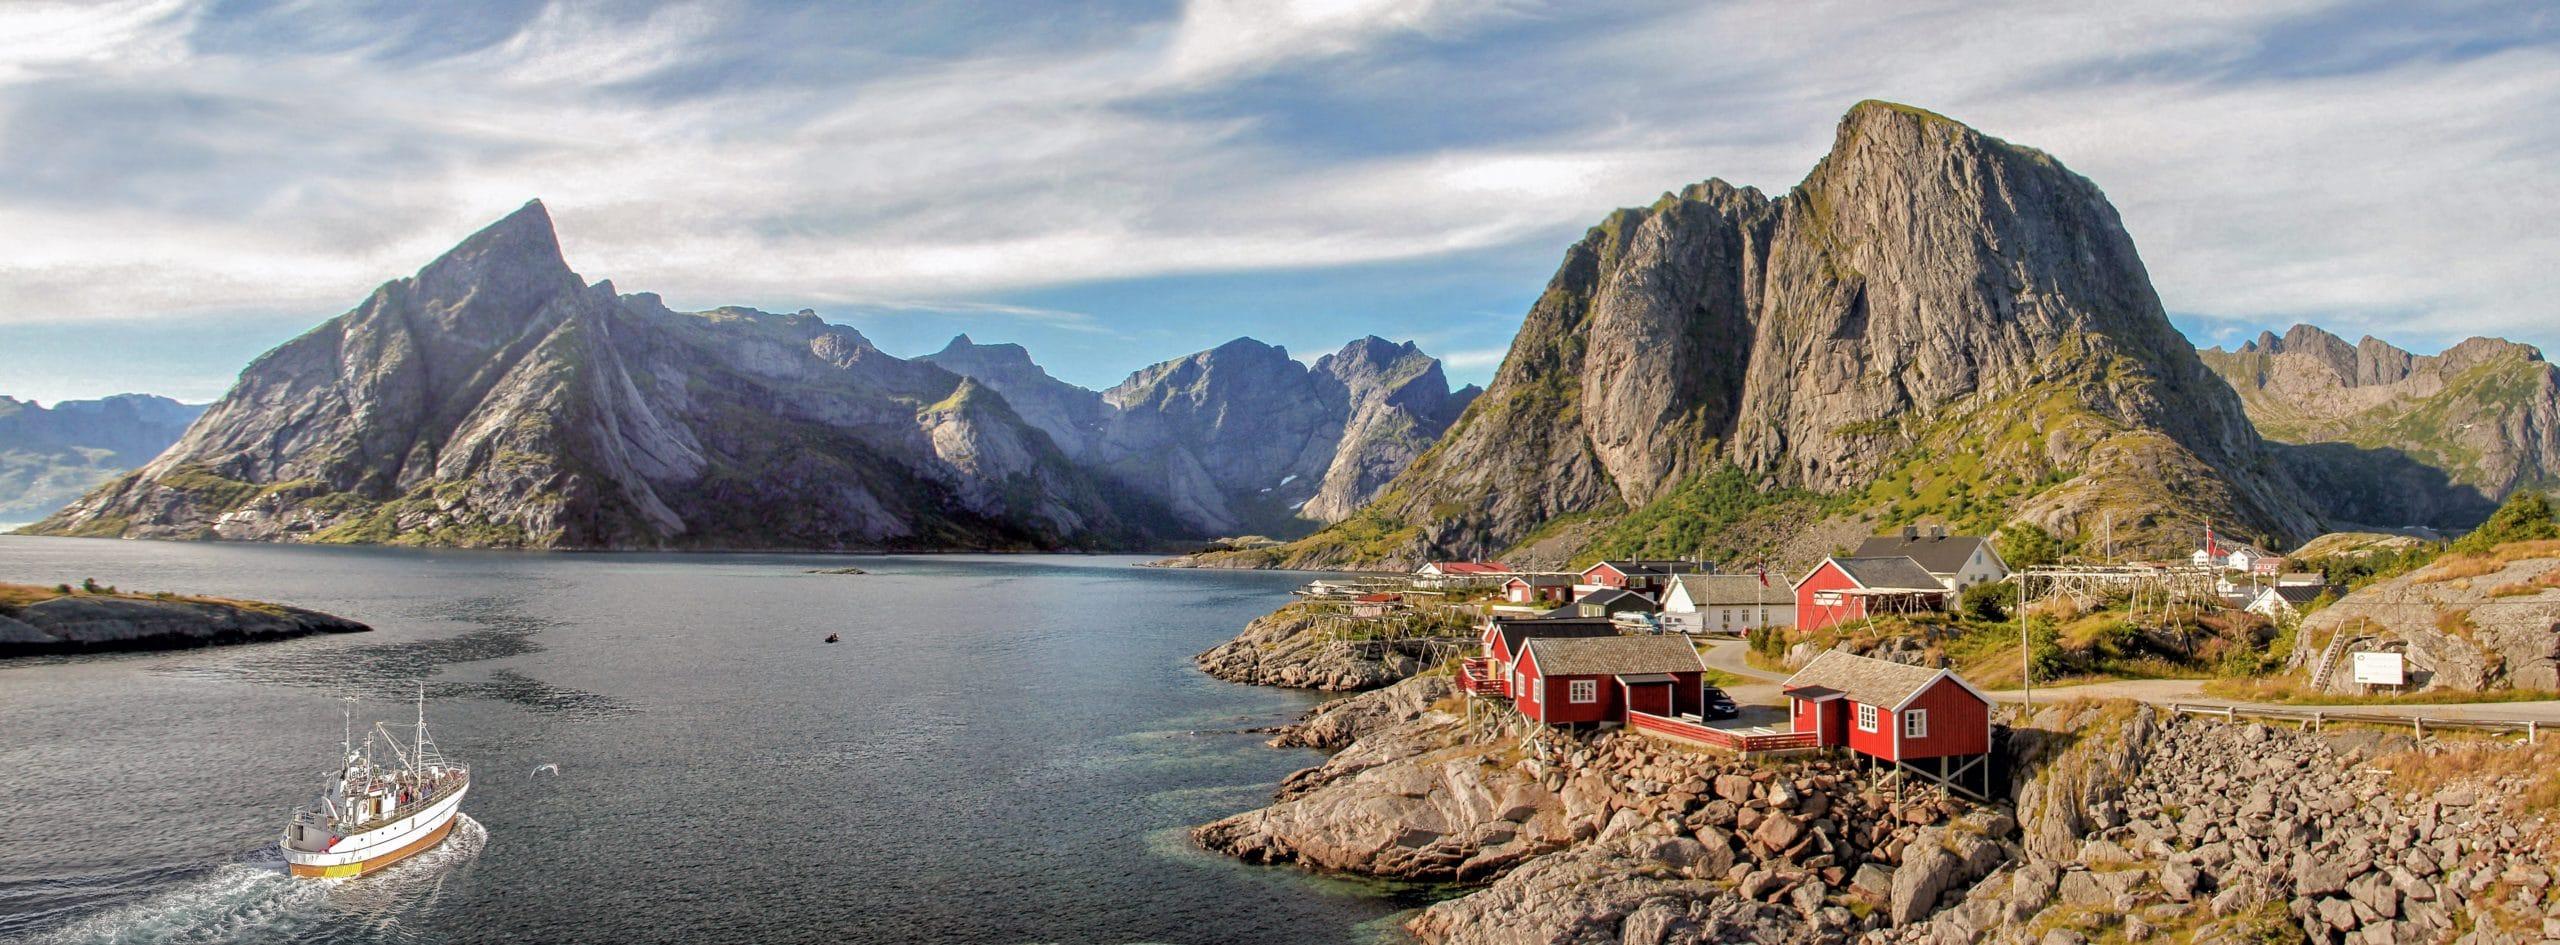 Vakker natur i Lofoten